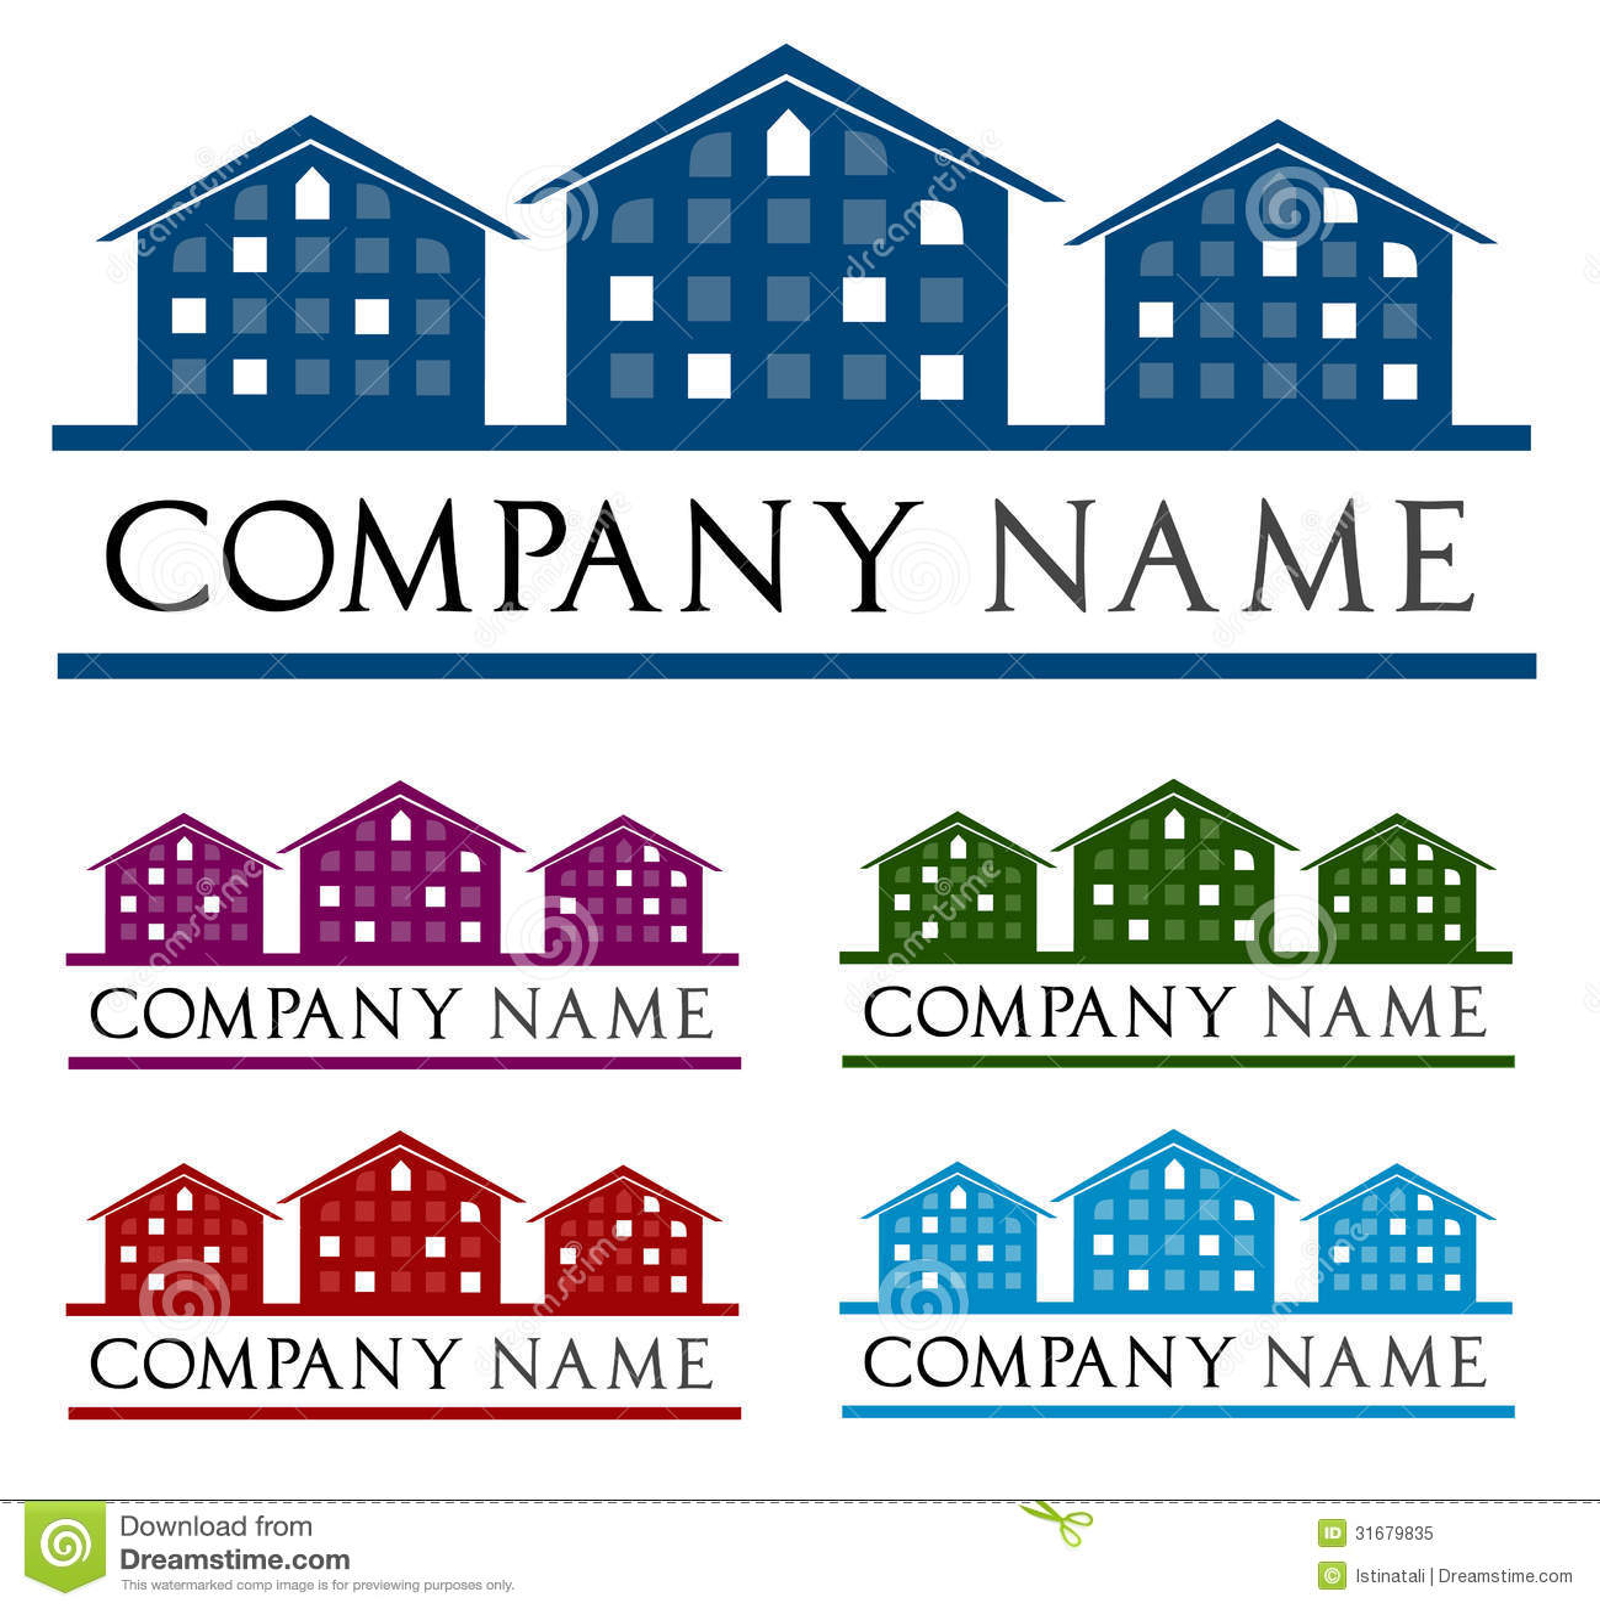 Ompany Logo House Cartoon Vector